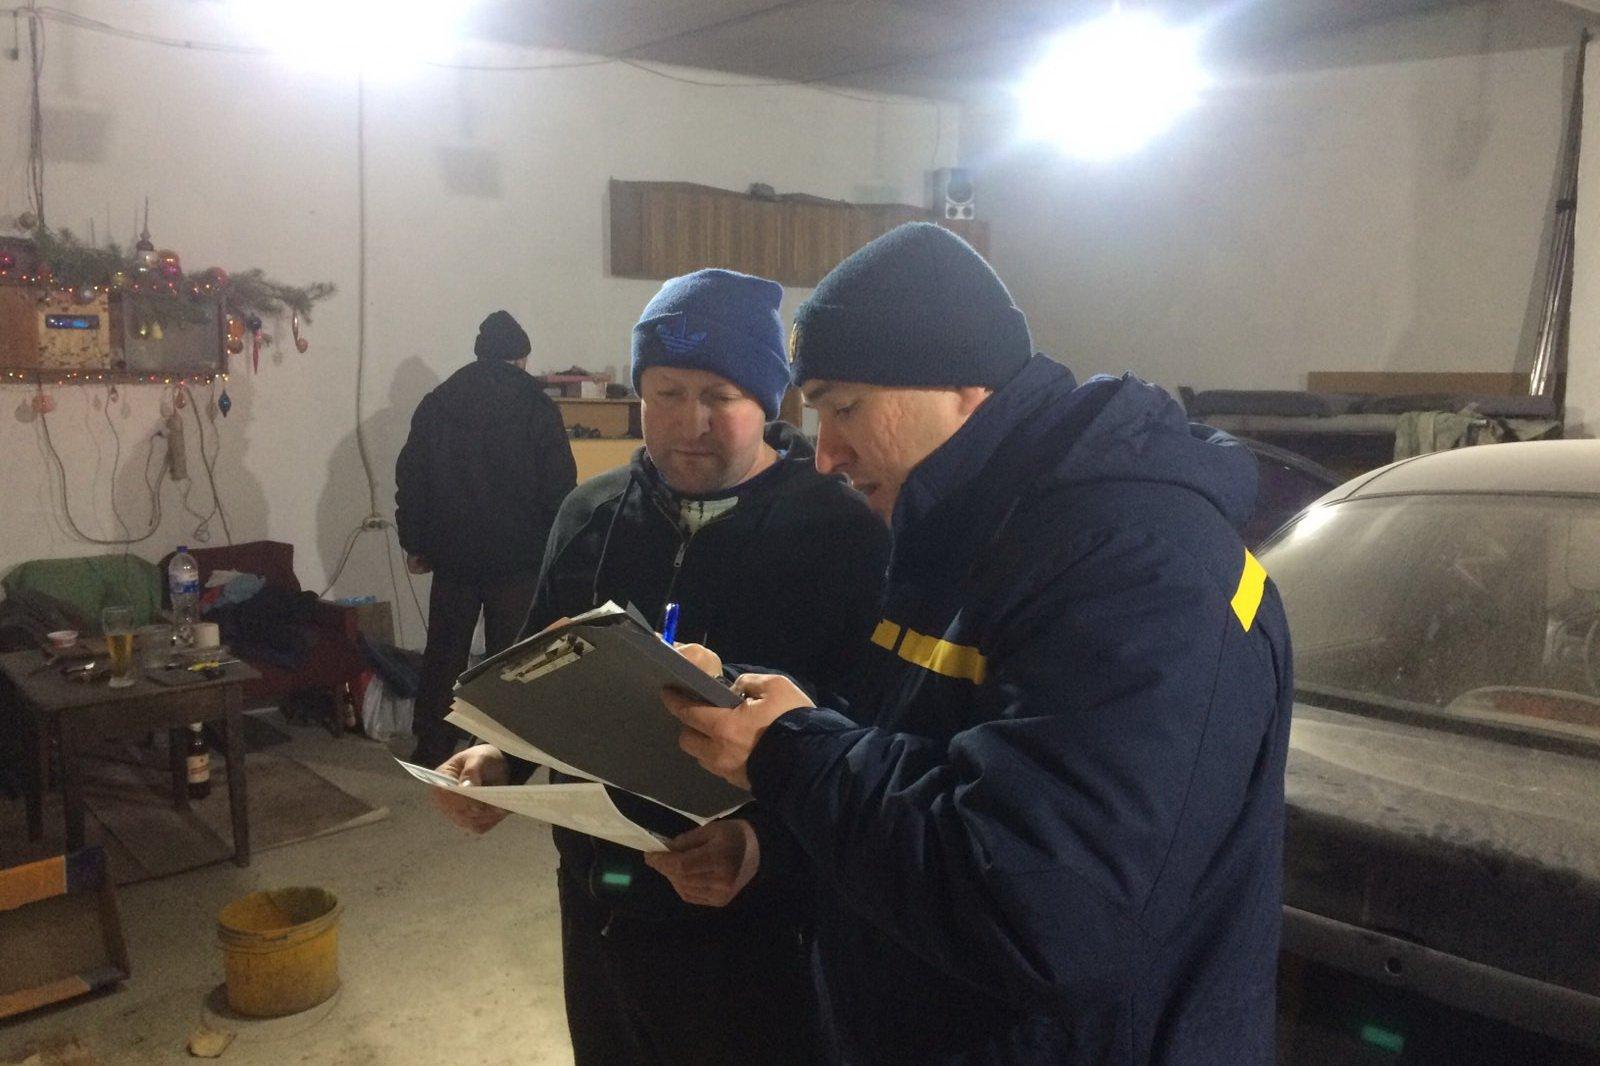 Спасатели проверяют гаражи после пожара с гибелью человека